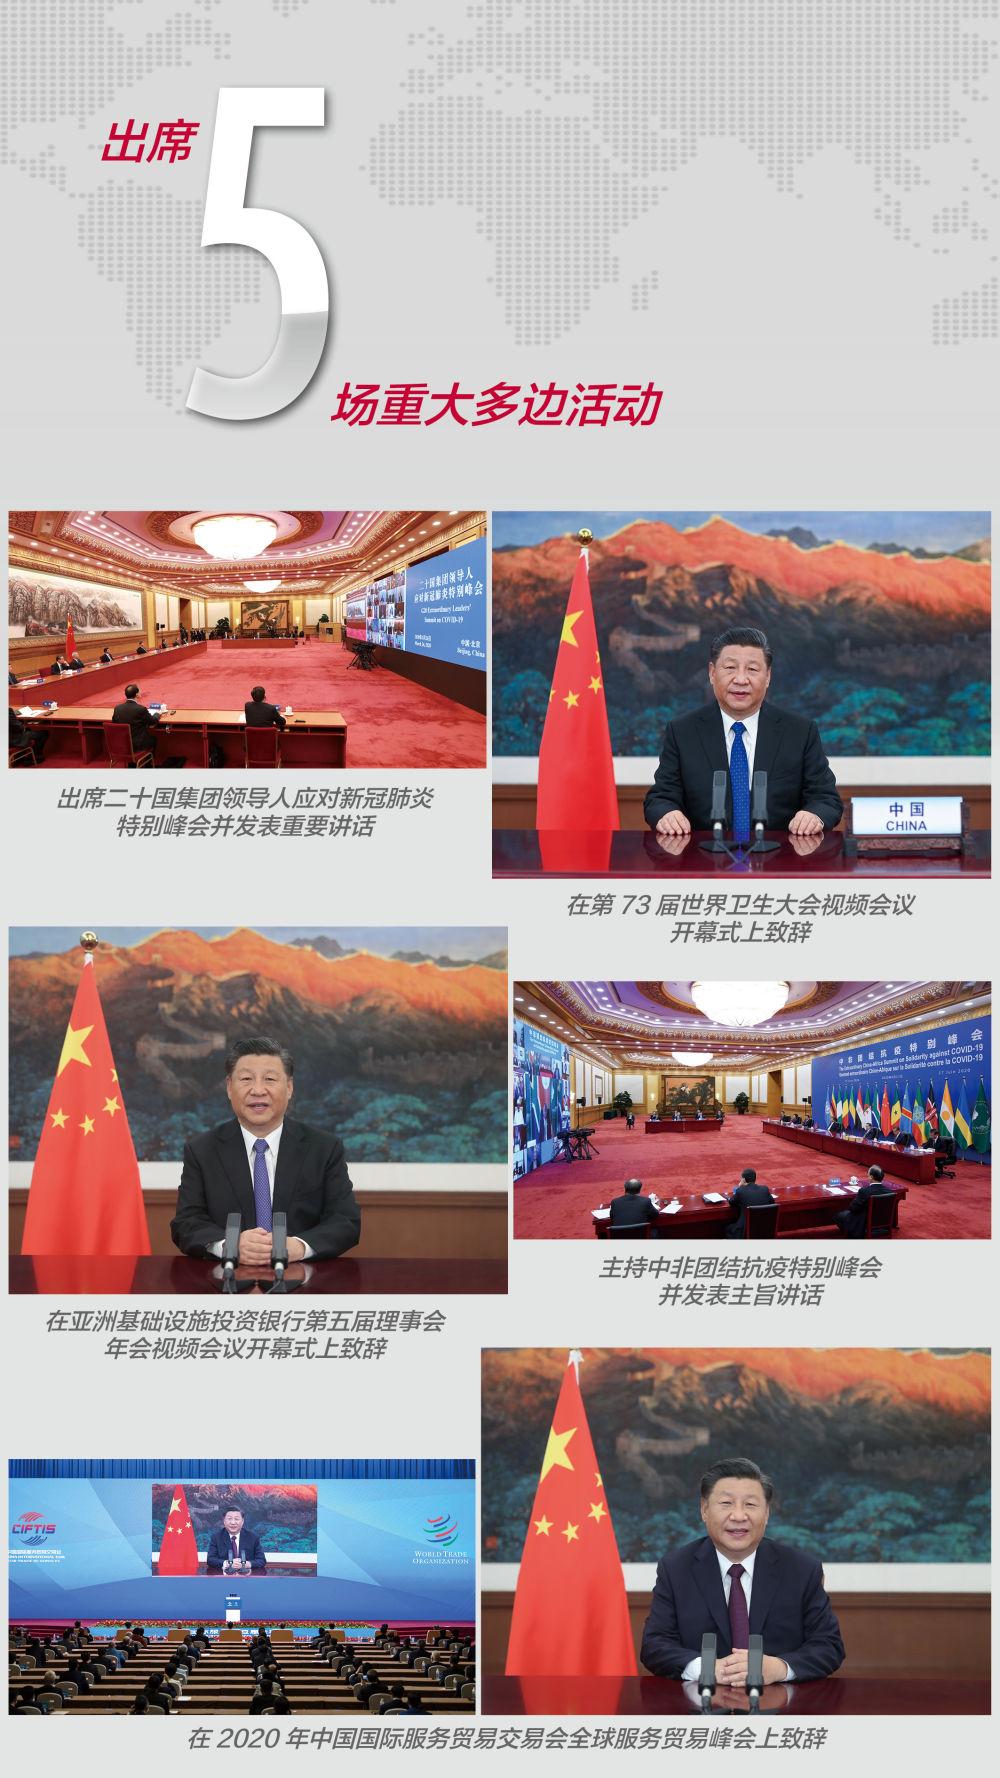 《【恒耀平台官网注册】亲力亲为 共克时艰!中国元首外交的抗疫最强音》